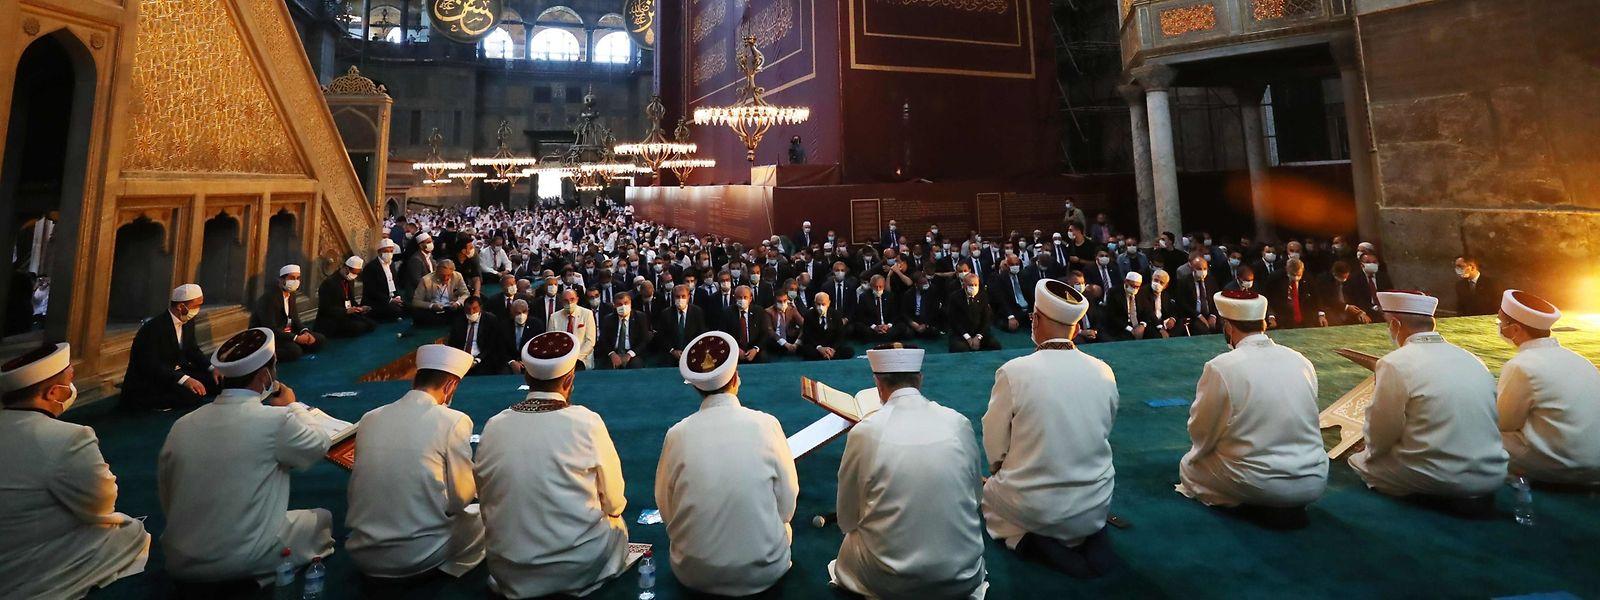 Tausende nahmen an dem Gebet teil.